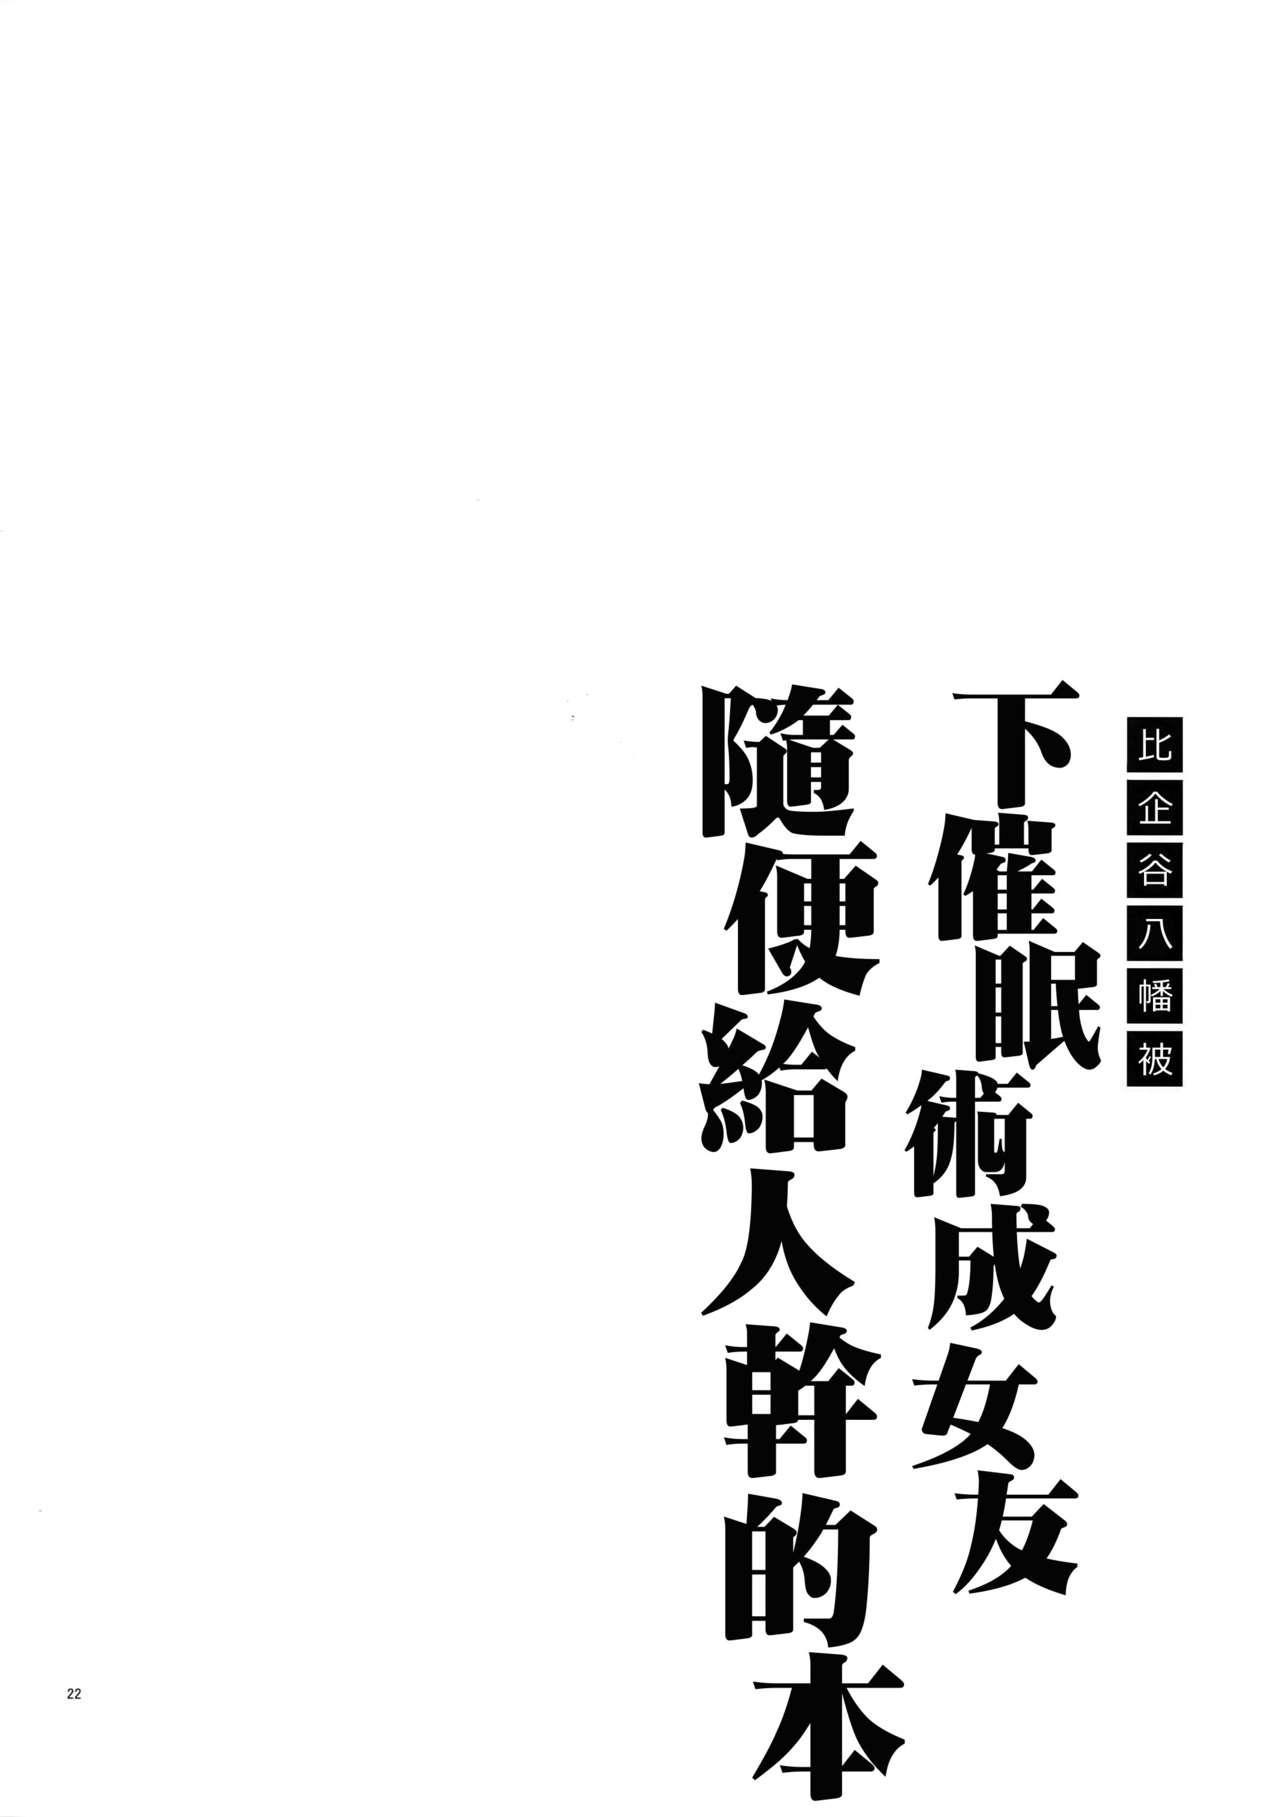 Hikigaya Hachiman o Saiminjutsu de Kanojo ni Shite Yaritai Houdai Suru Hon. 2 | 比企谷八幡被下催眠术成女友随便给人干的本。2 21